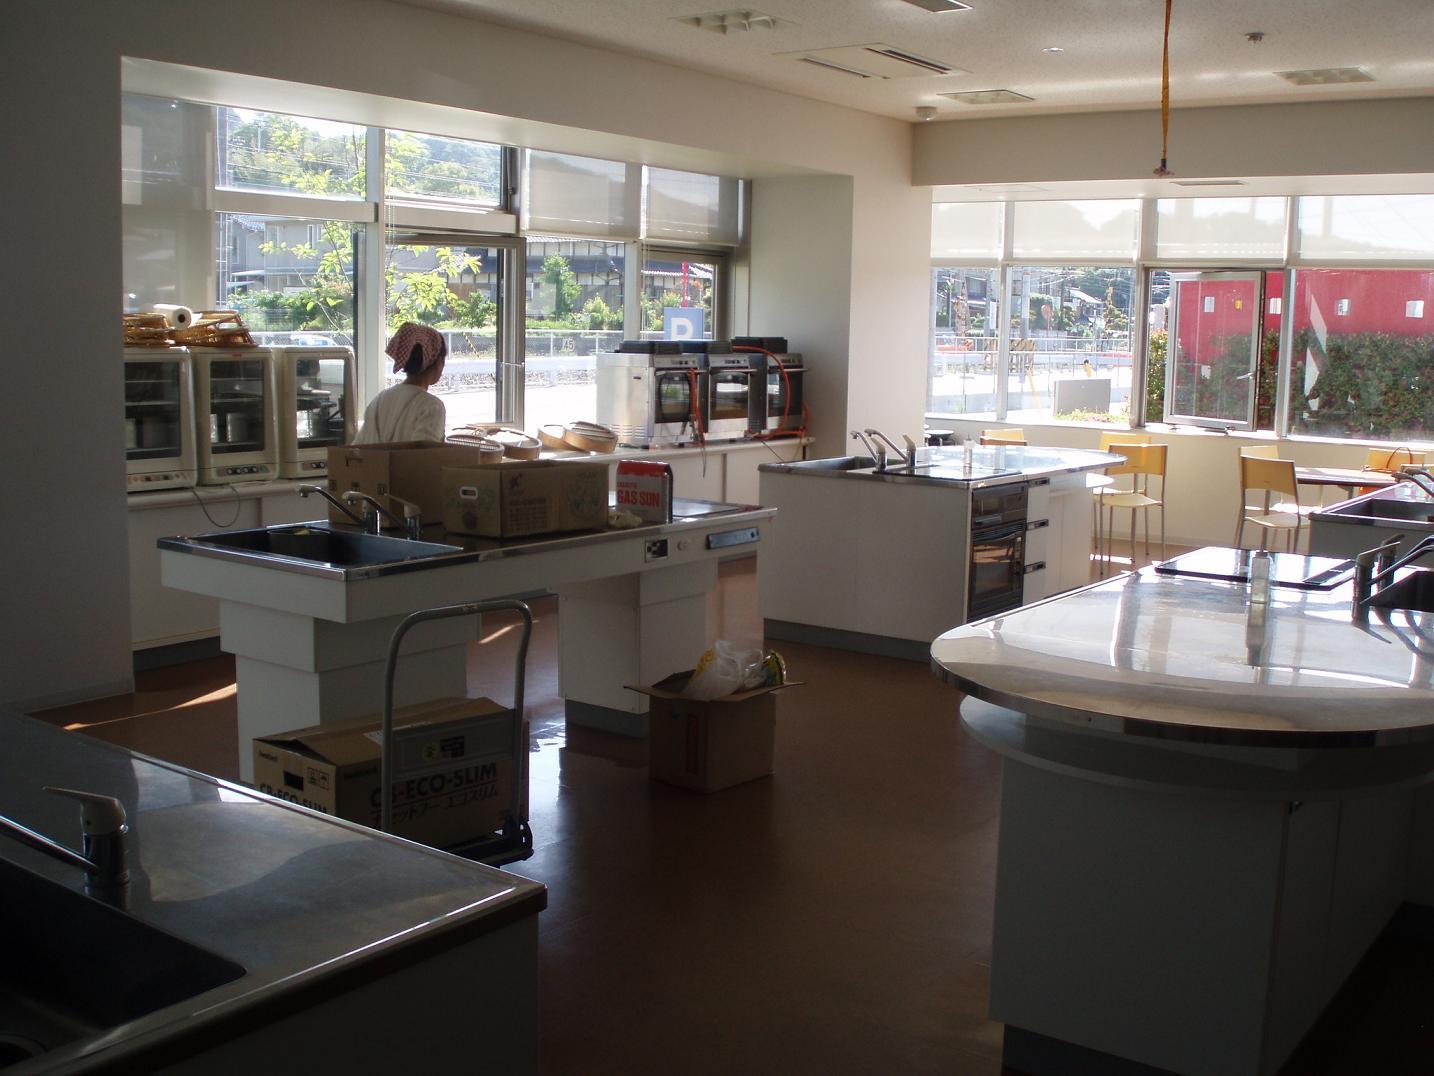 日本滞在記⑦ 広島レベル2の講義と調理実習_f0095325_2035449.jpg